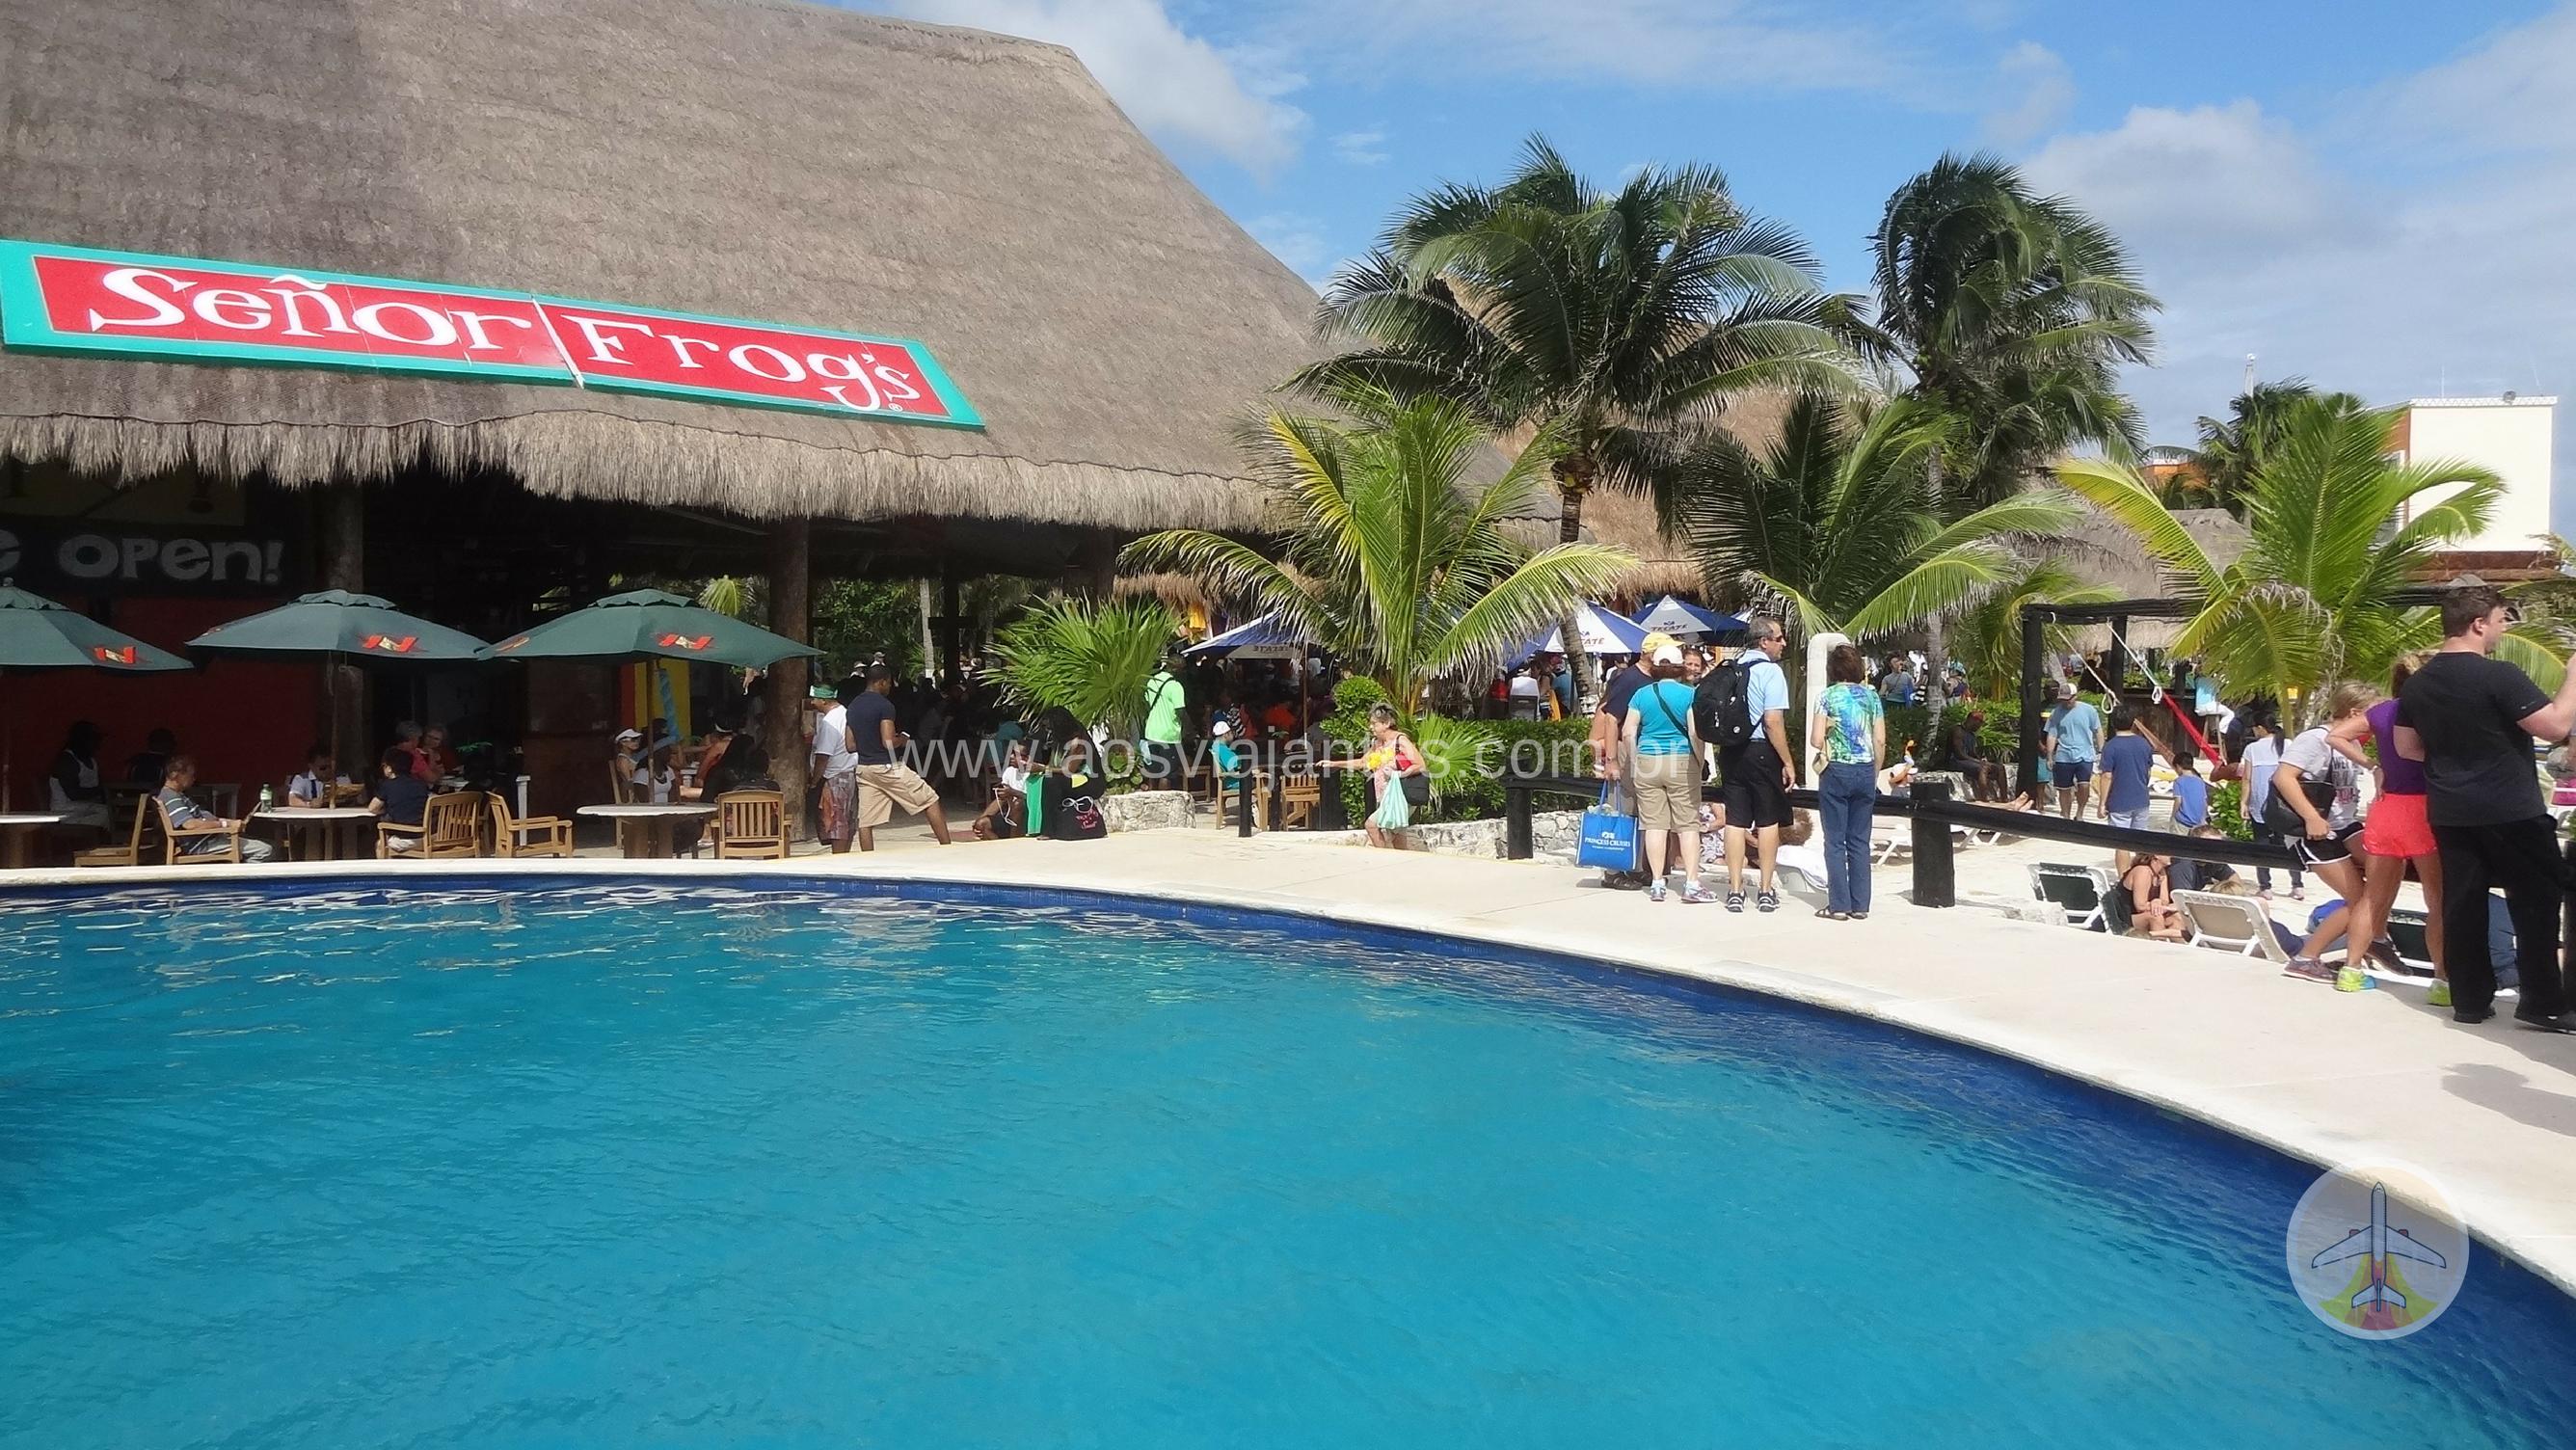 porque-fazer-um-cruzeiro-mexico-2 Porque fazer um cruzeiro no Caribe? (10 motivos e 1 bonus!)